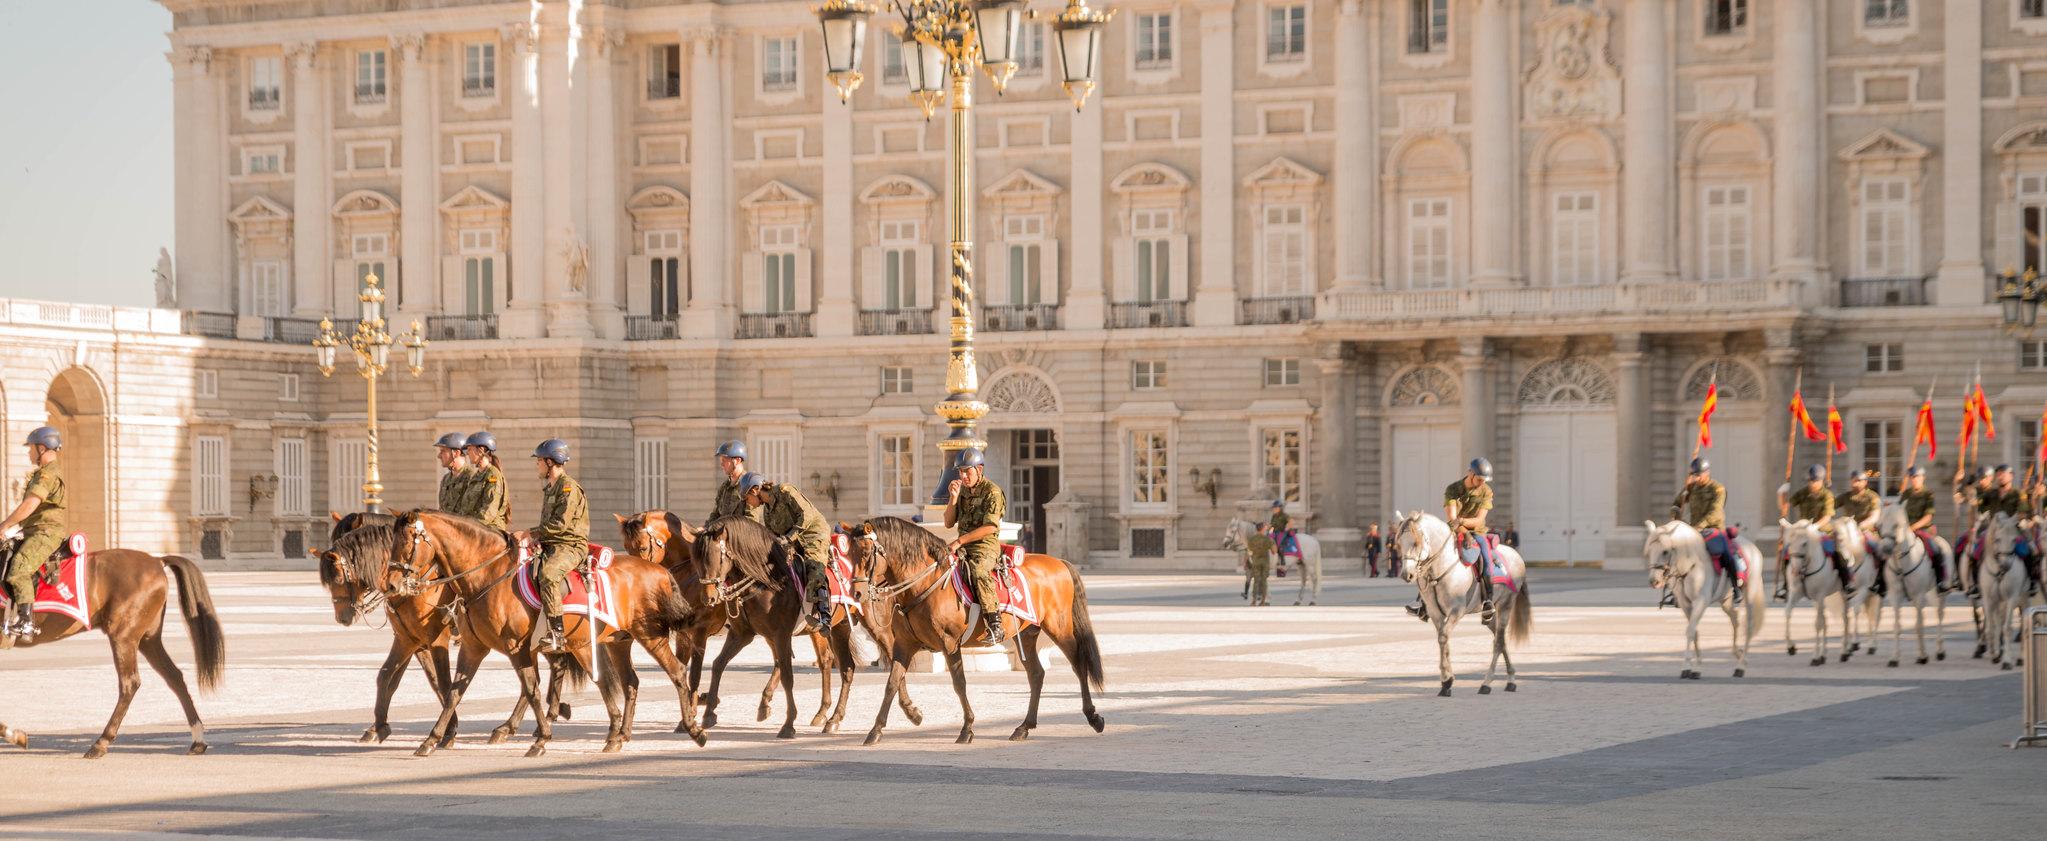 Cambio de Guardia y Relevo Solemne en el Palacio Real, rehearsal for the changing of the guard in Madrid Spain